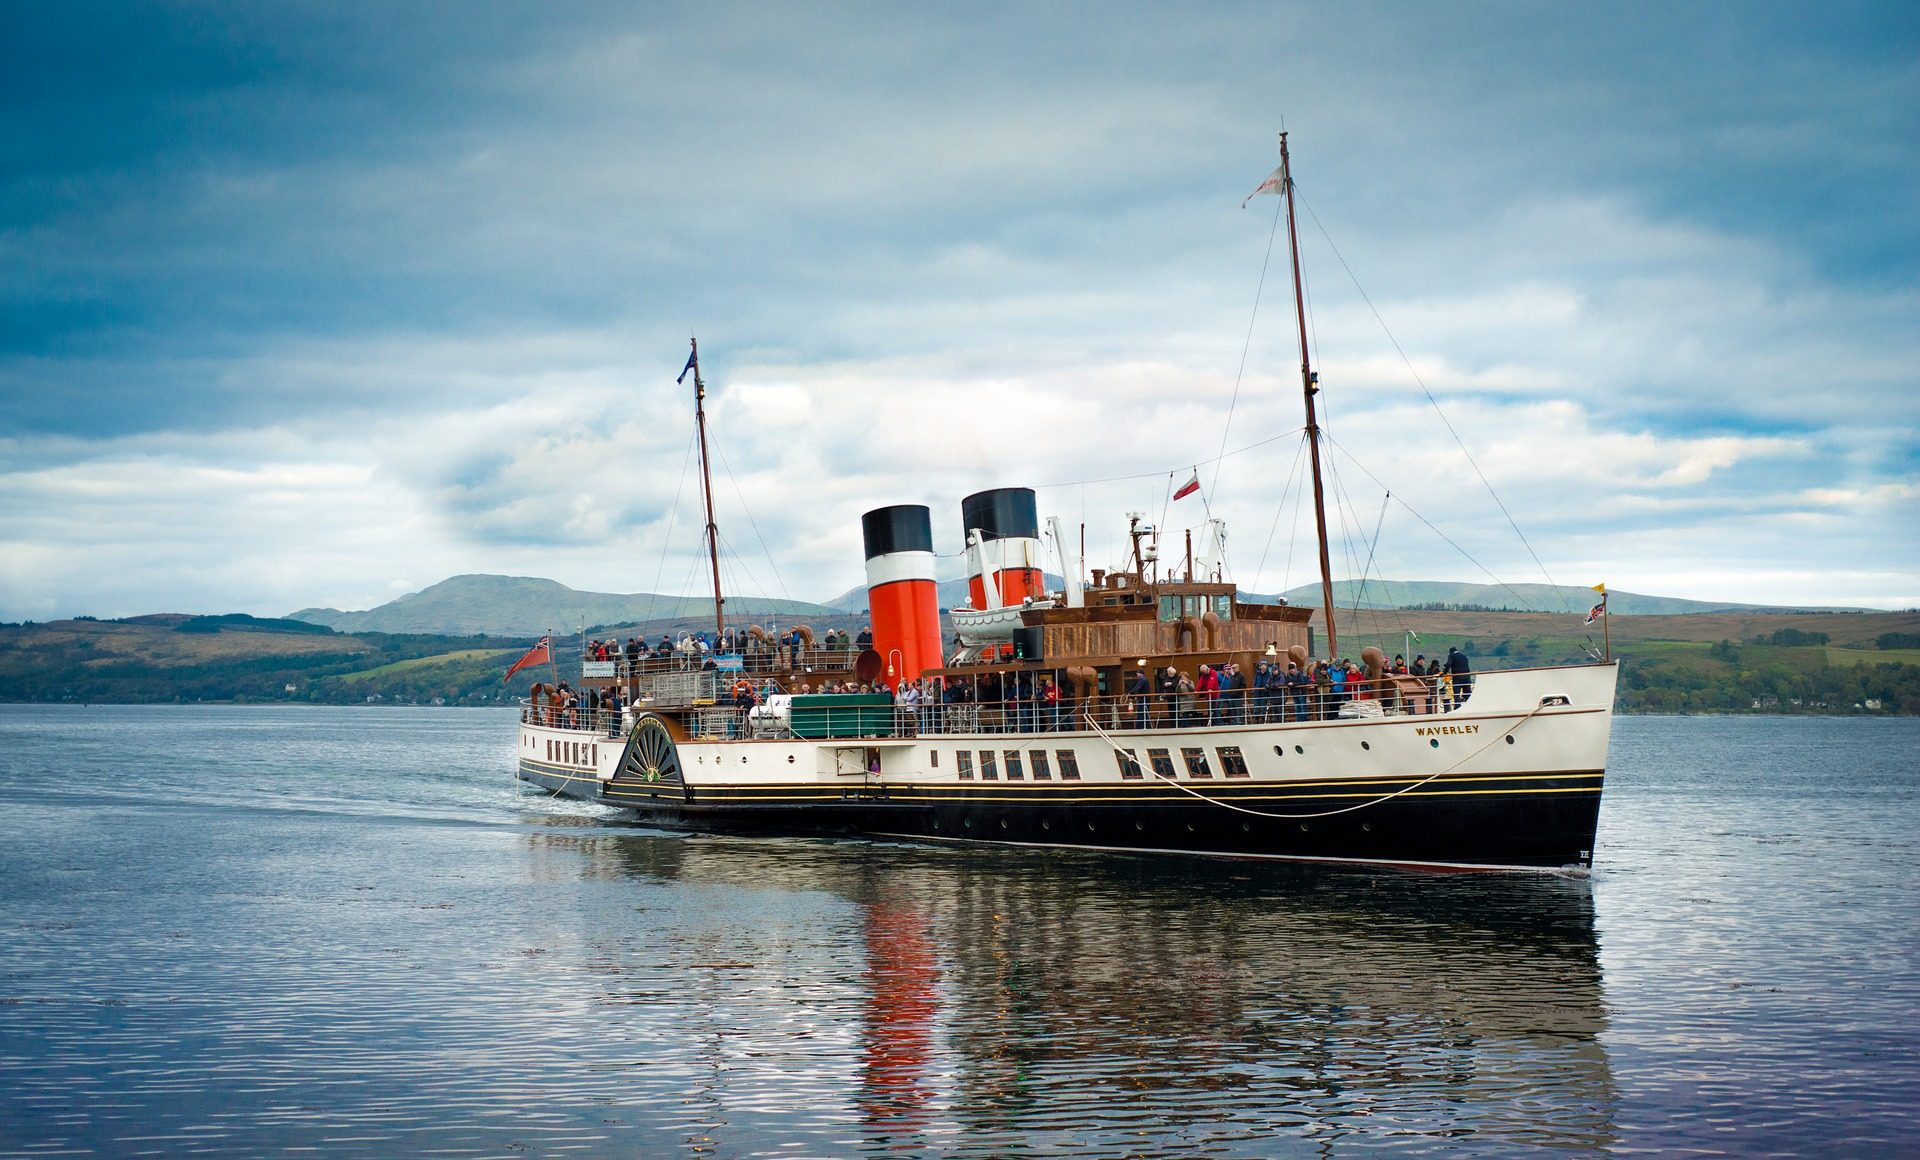 βάρκα, πλοίο, Τζάκια, άτομα, Σκωτία - Wallpapers HD - Professor-falken.com